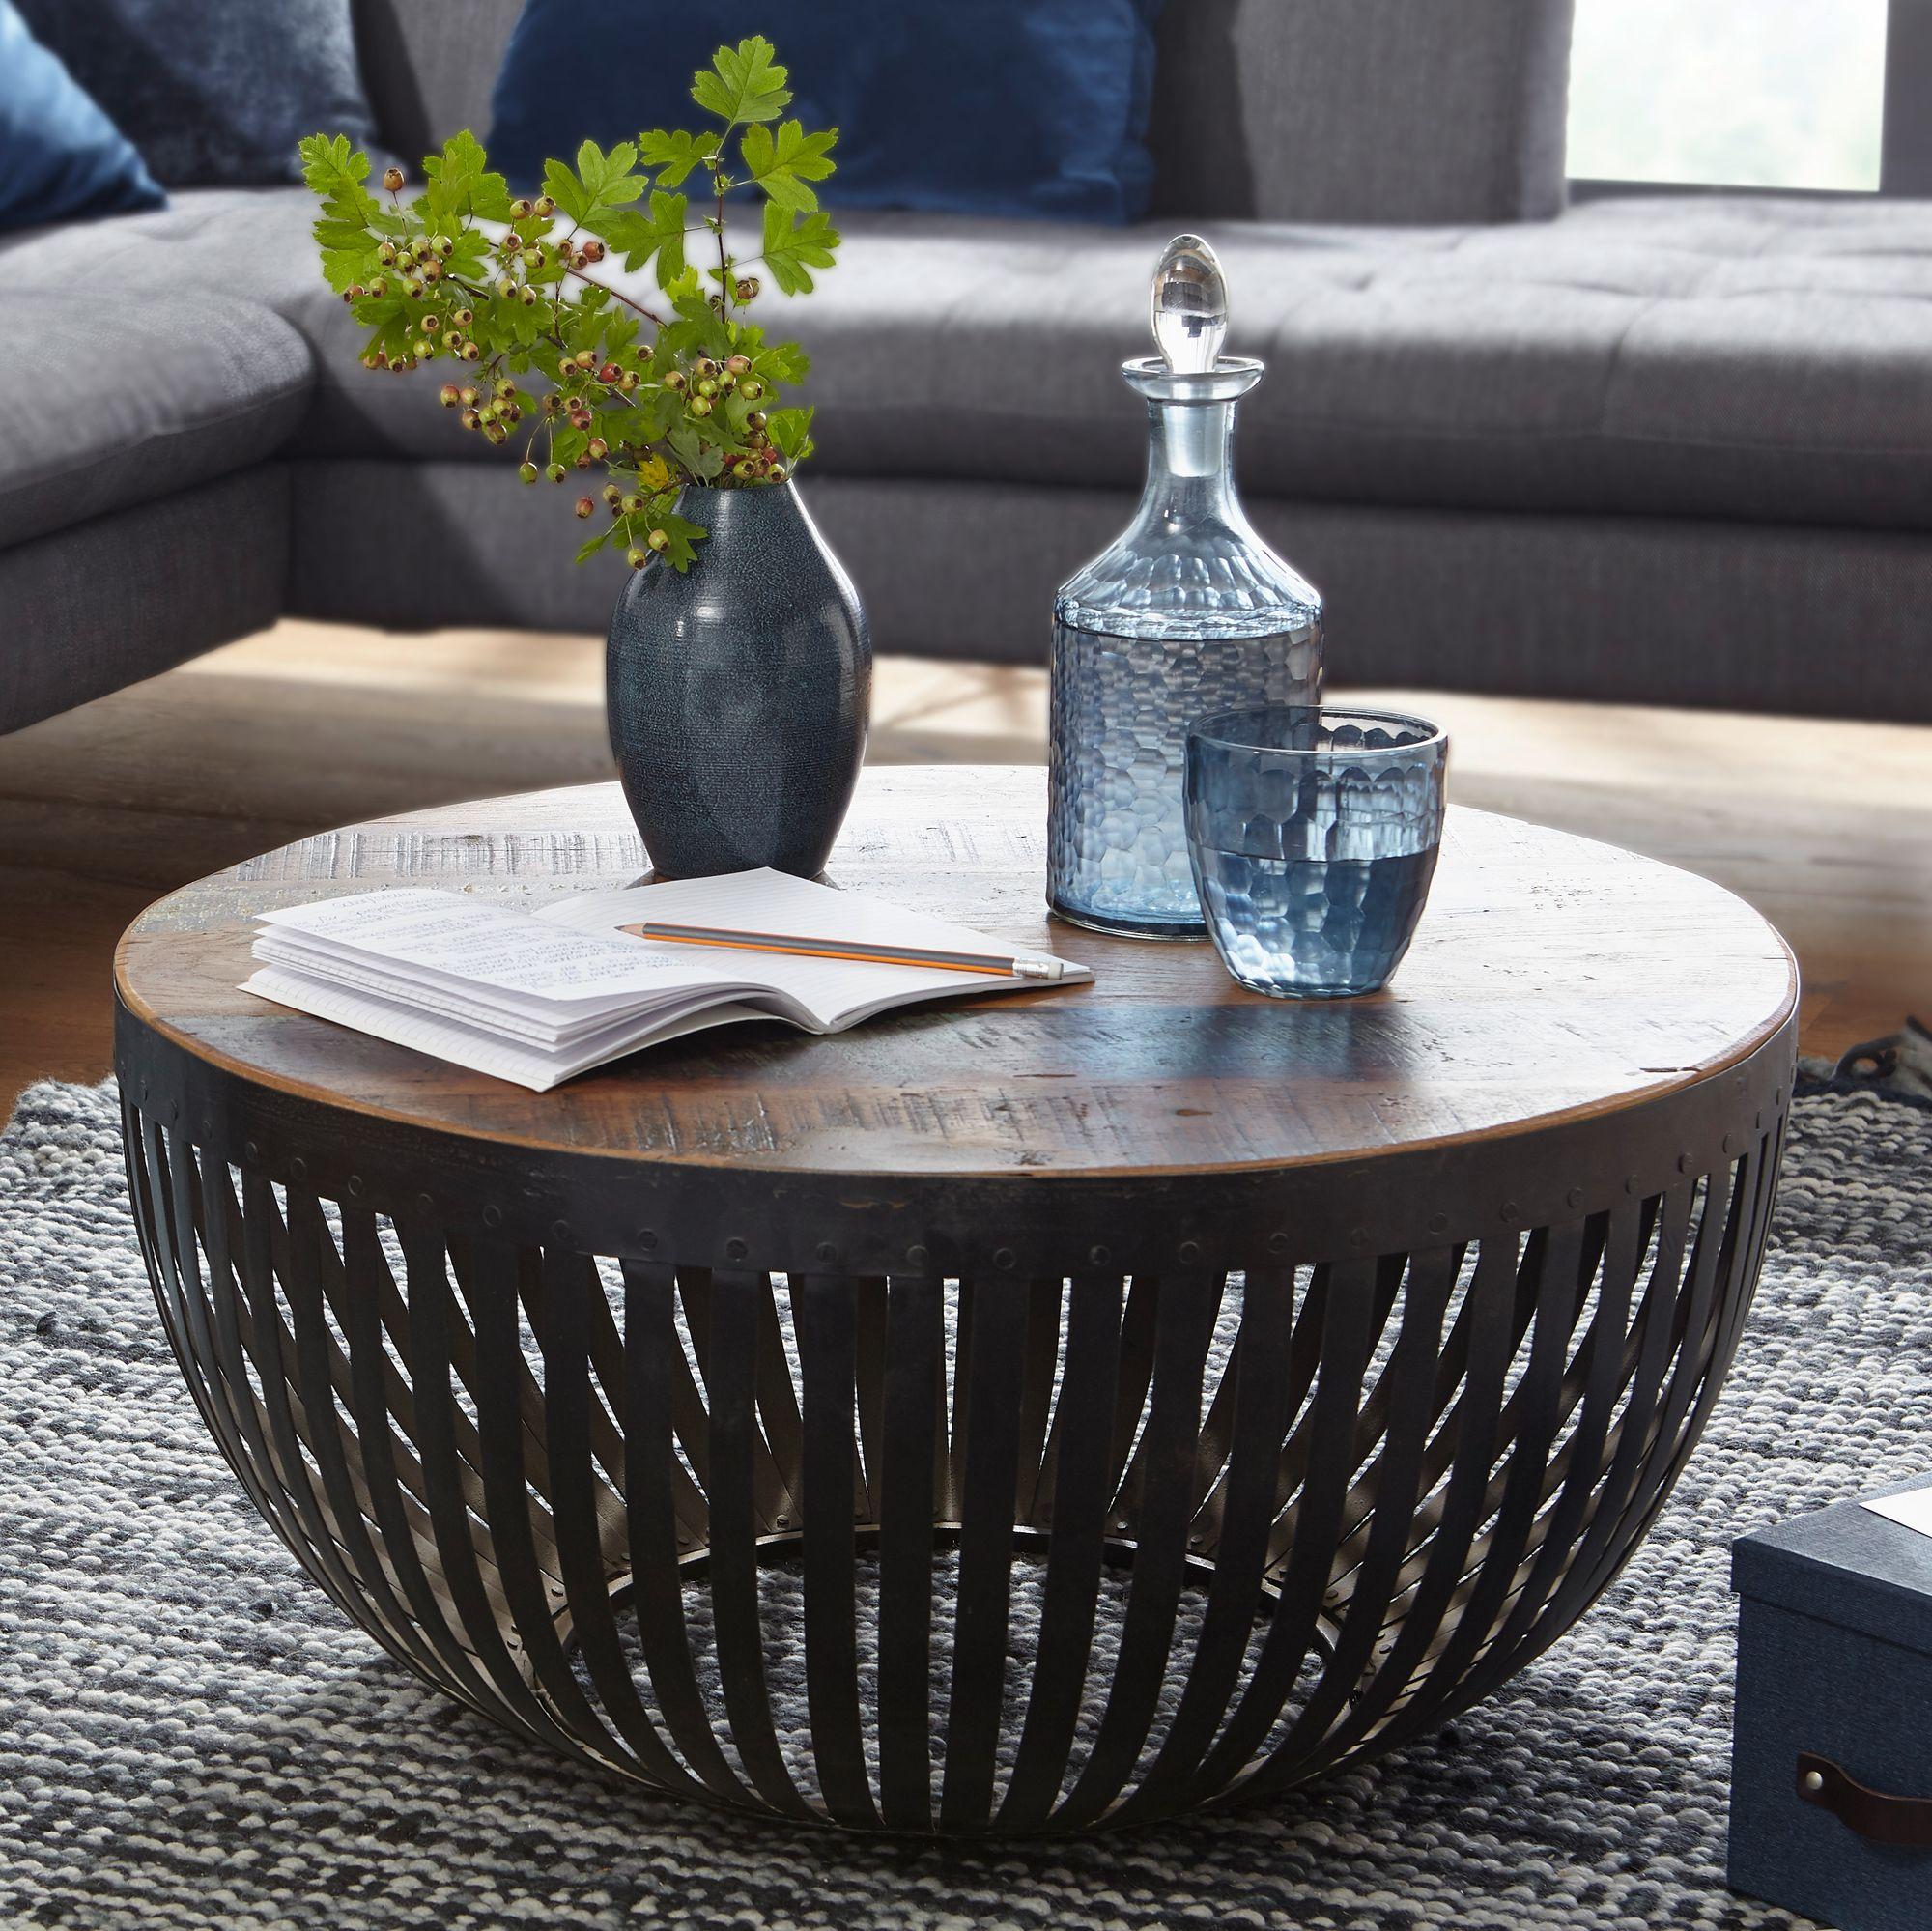 Wunderbar Couchtisch Dunkles Holz Beste Wahl Finebuy Nishu 70x33x70 Cm / Metall Wohnzimmertisch